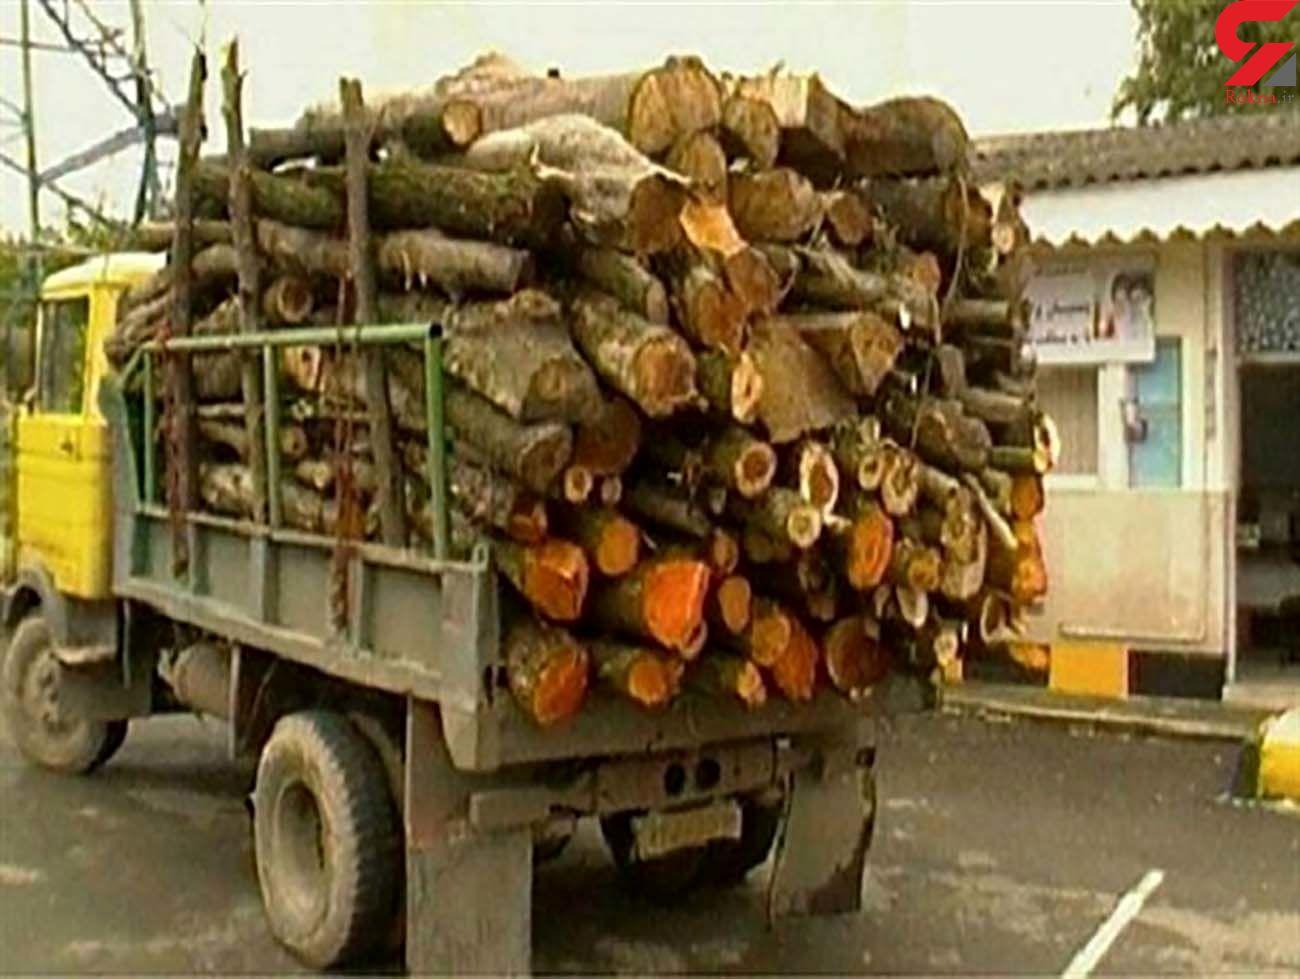 کشف 15 تن چوب قاچاق در آستانهاشرفیه